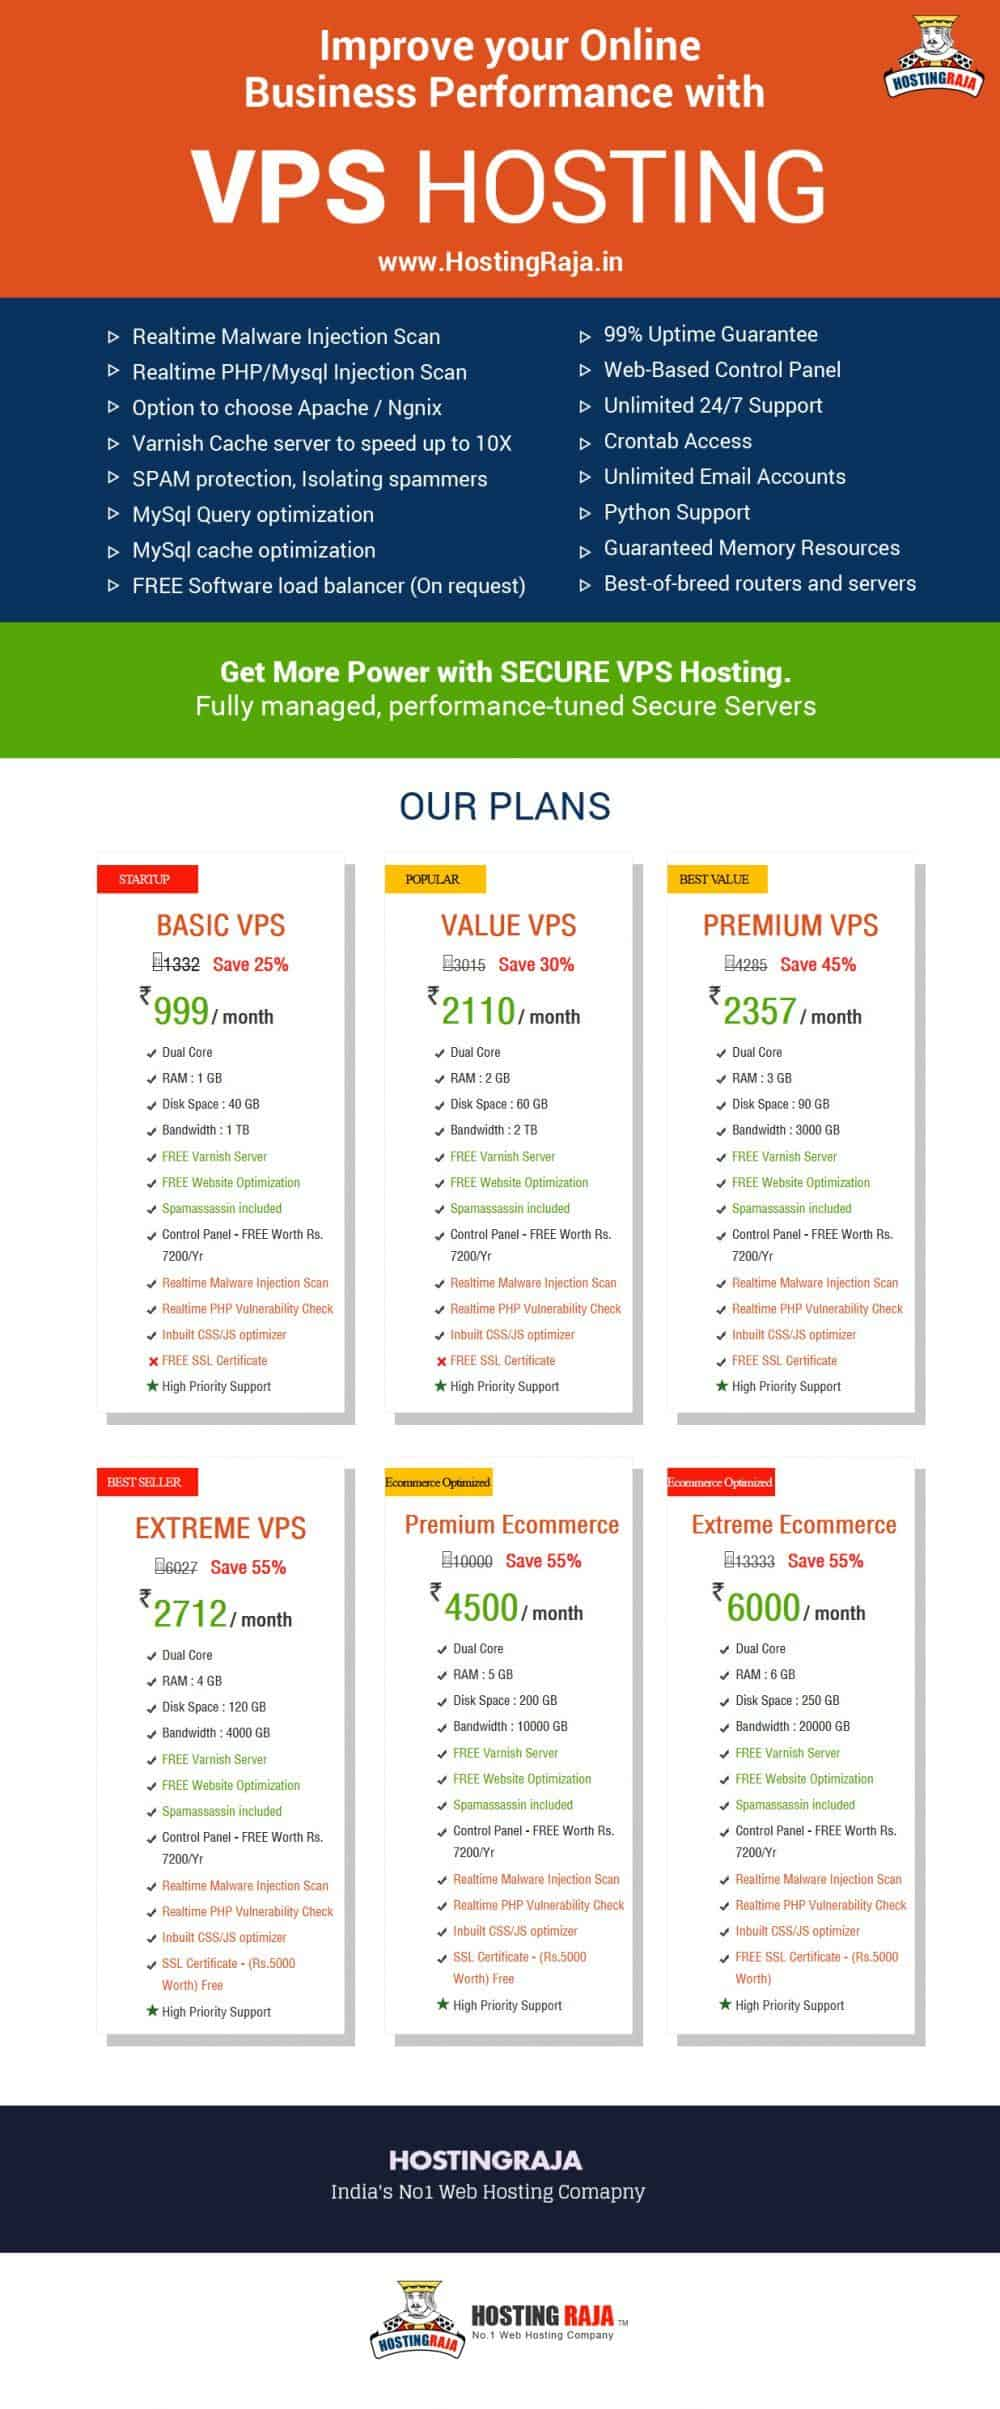 Hosting Raja VPS Plans